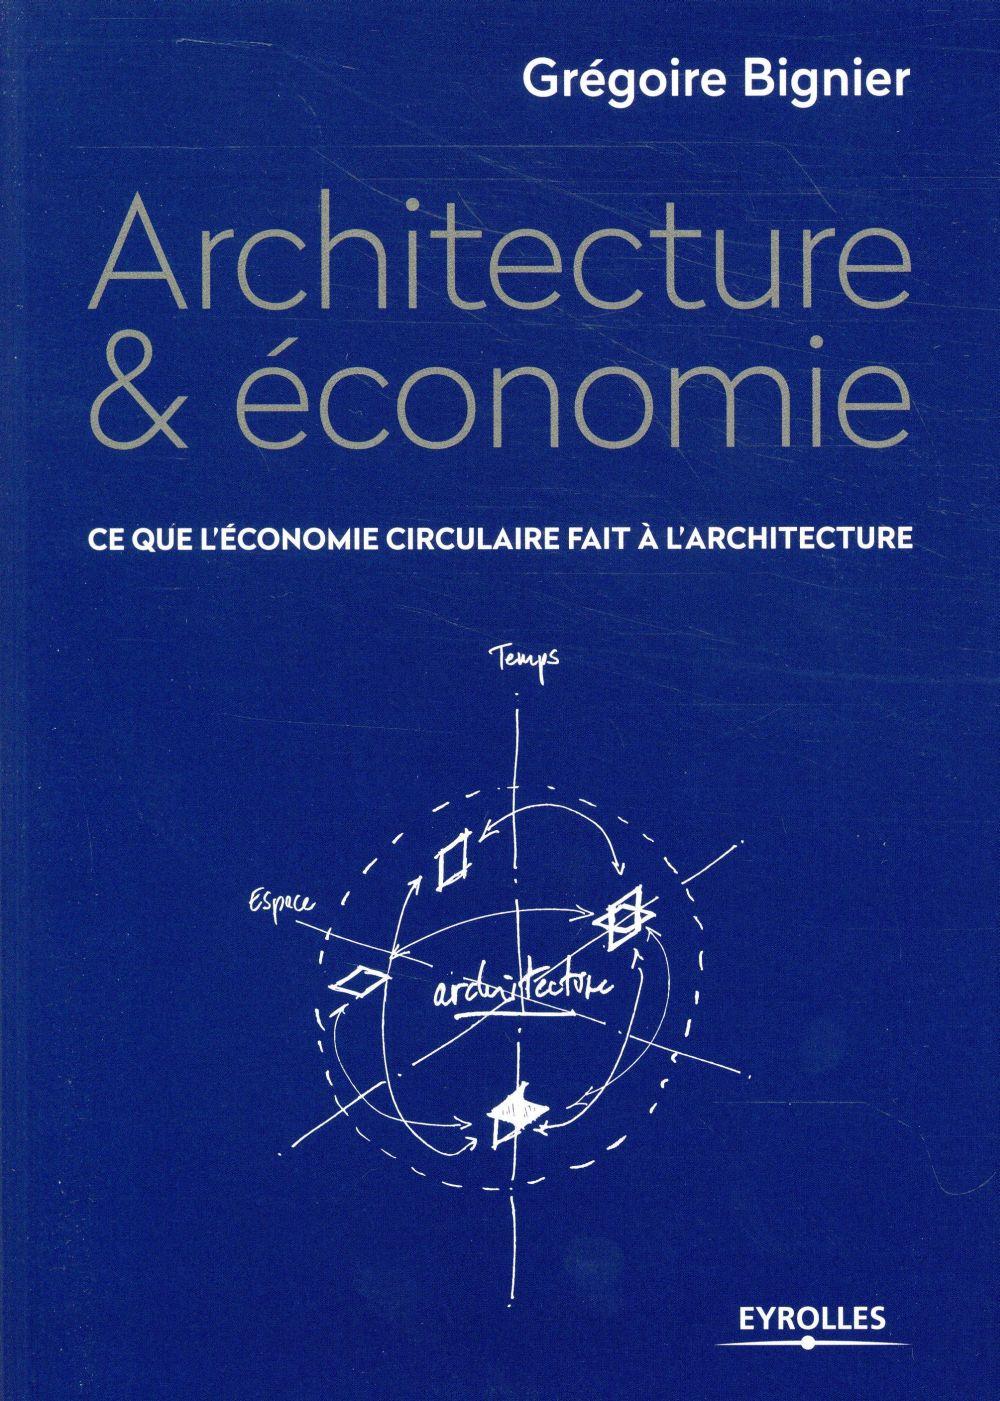 architecture & économie ; ce que l'économie circulaire fait à l'architecture